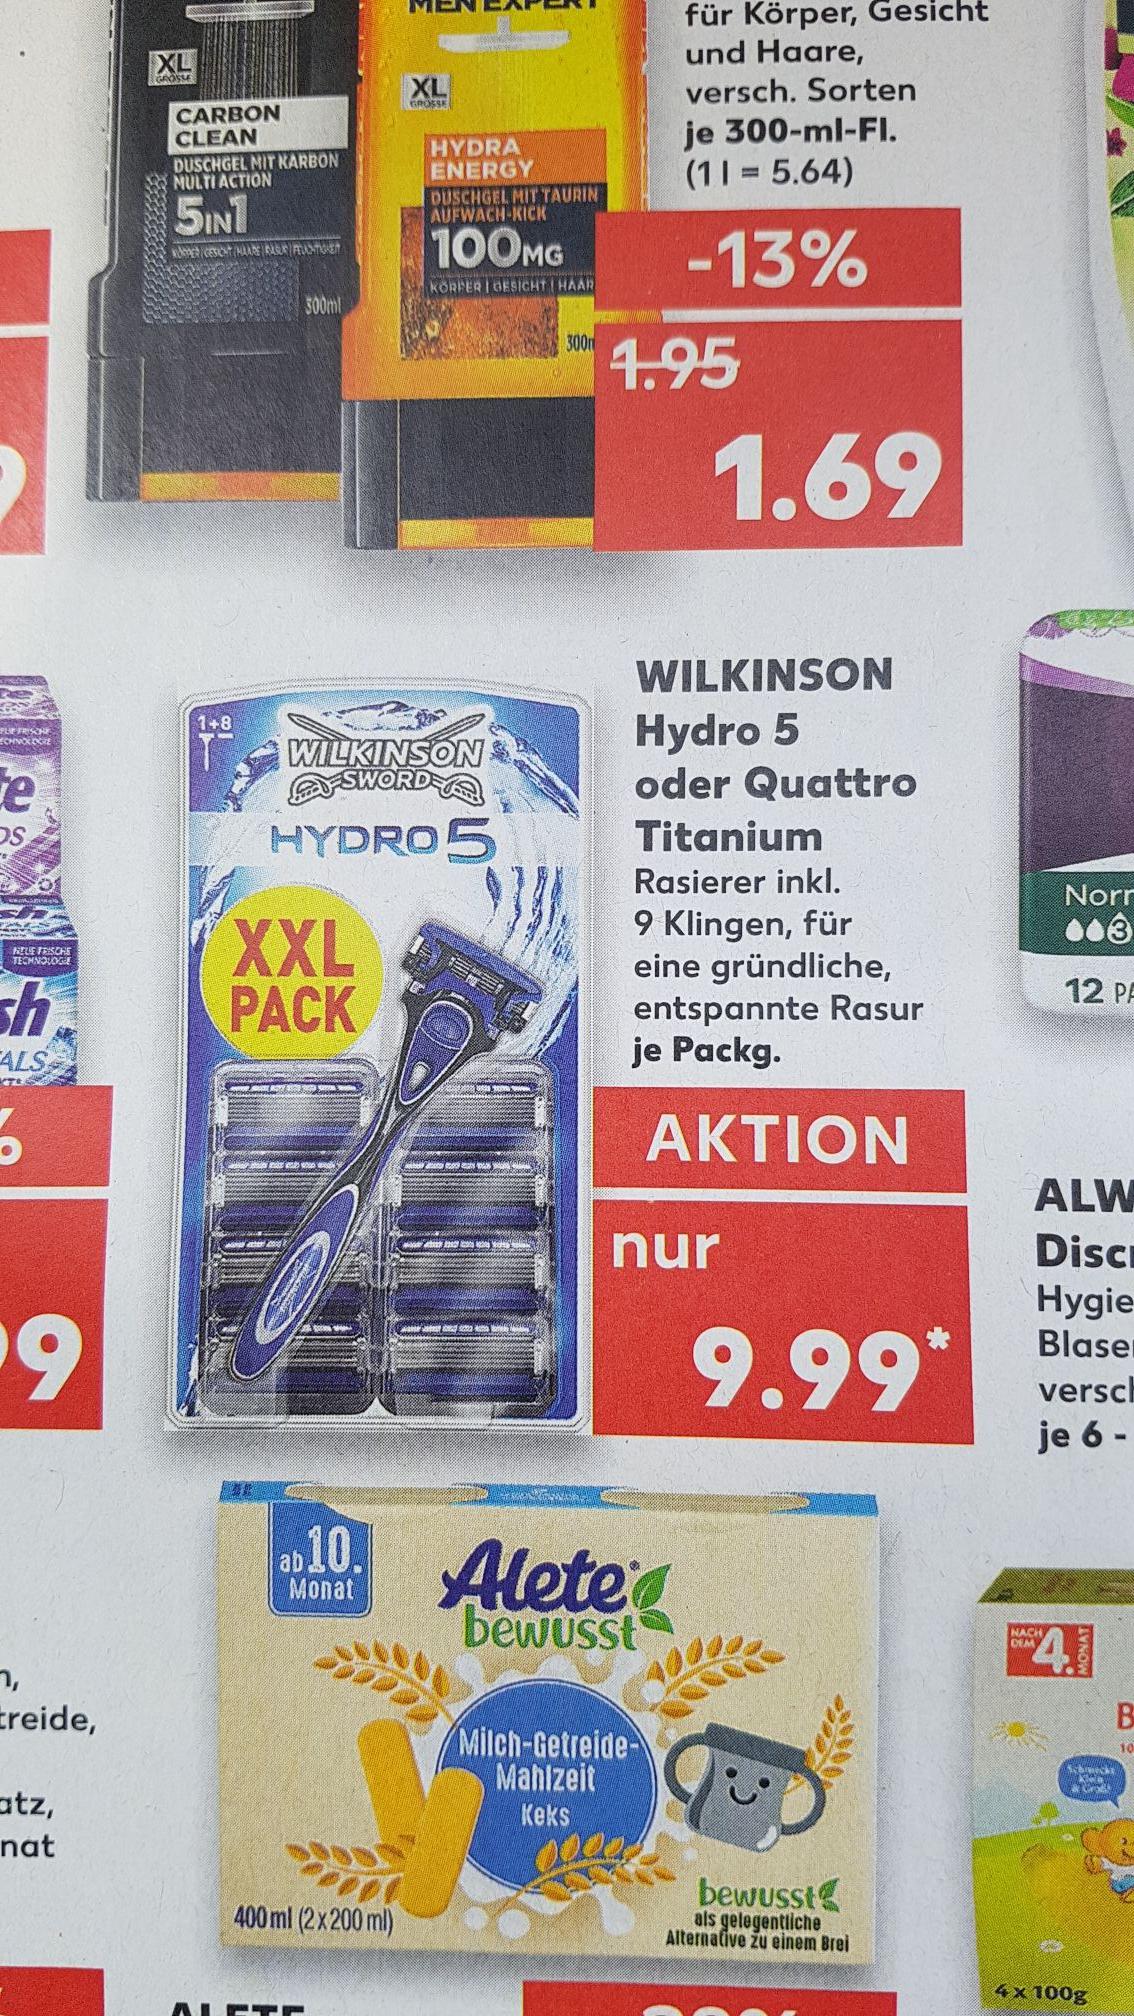 [Kaufland] Wilkinson Hydro 5 oder Quattro (Griff+9Klingen)